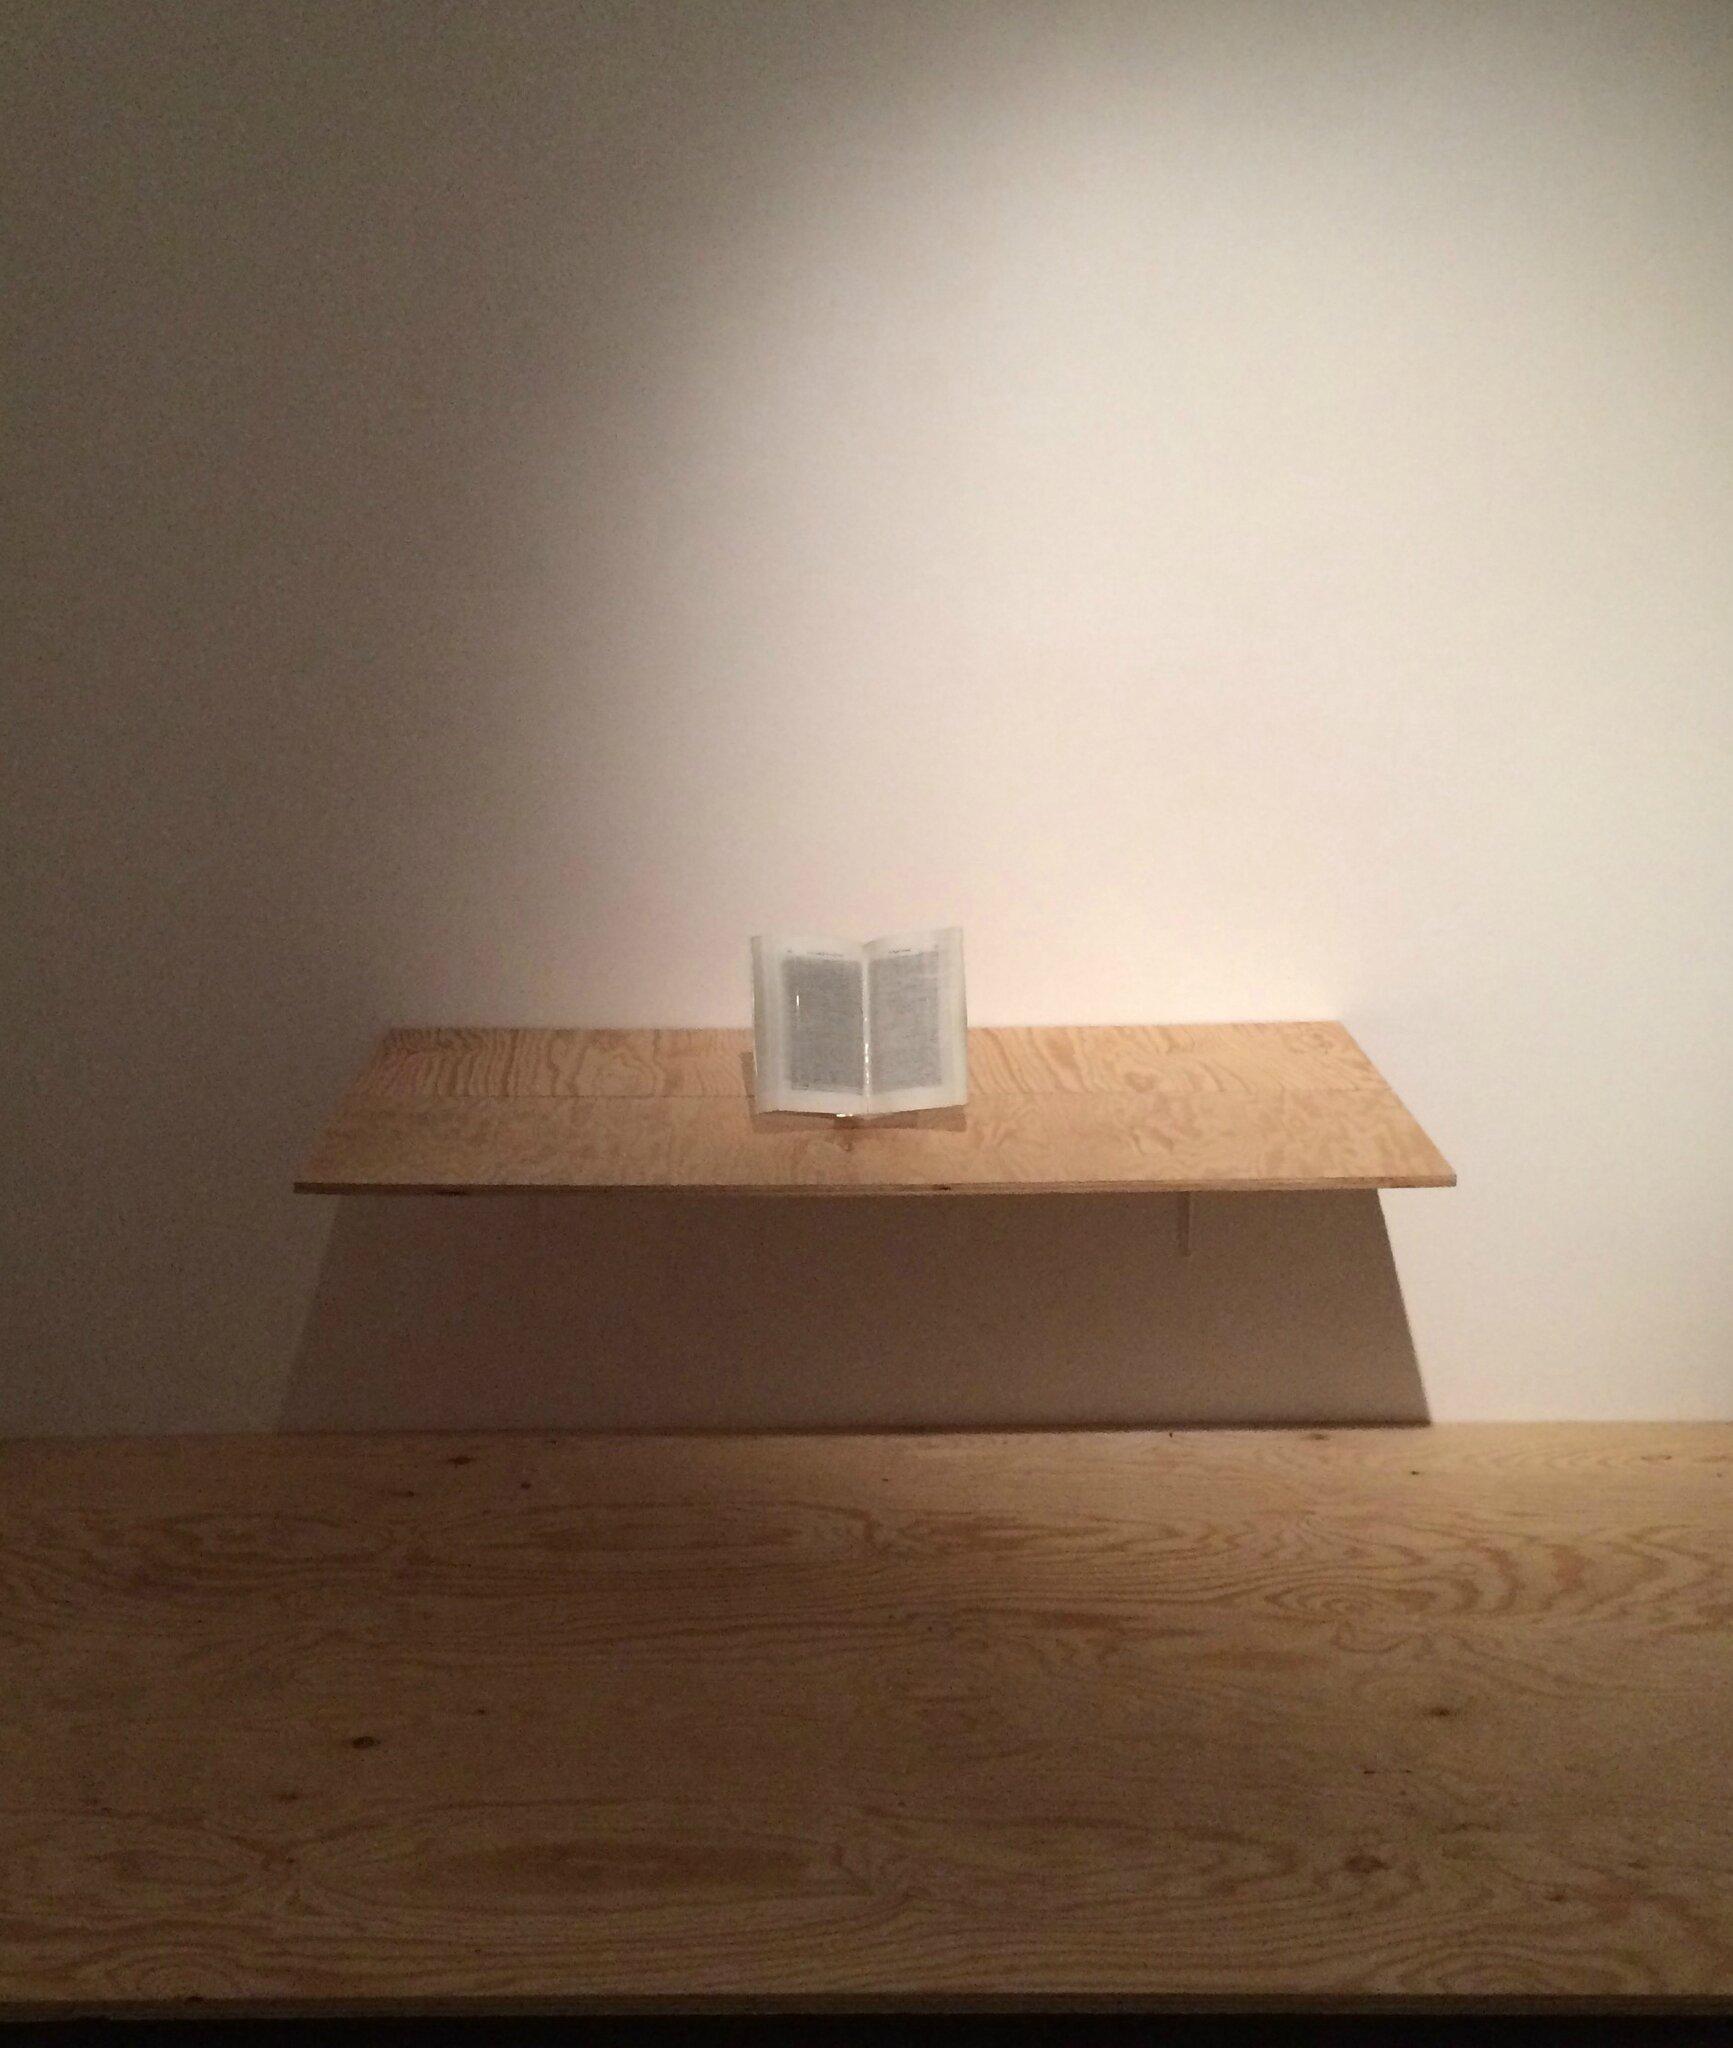 2016 Une autre image, Maison des Arts, Malakoff